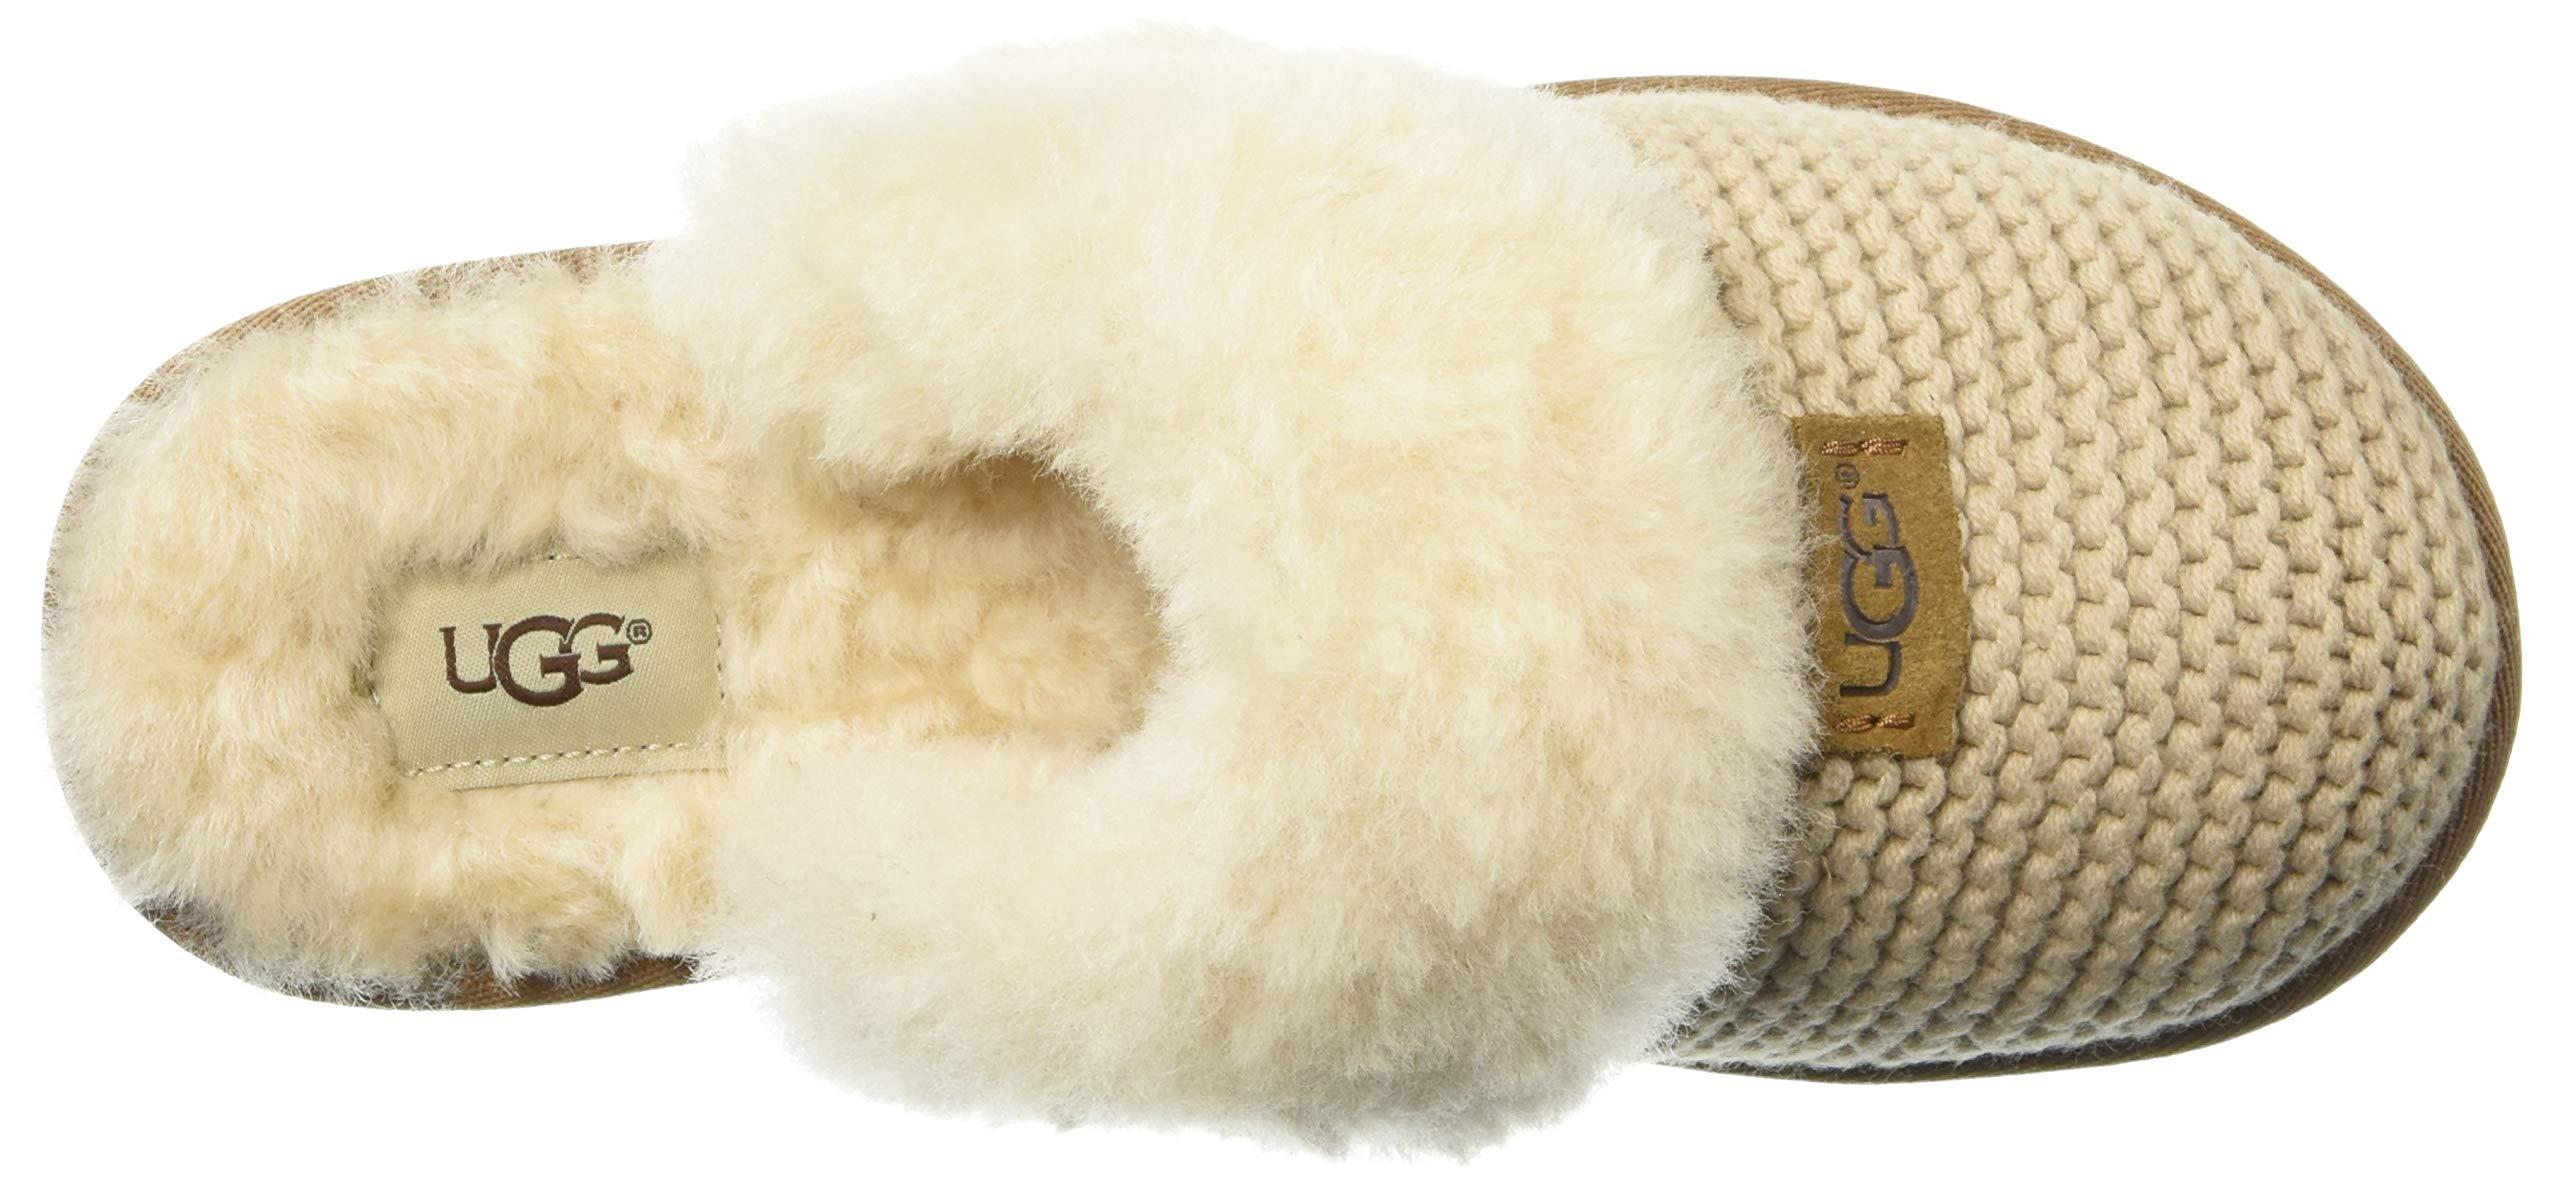 UGG Women's W Cozy Knit Slipper